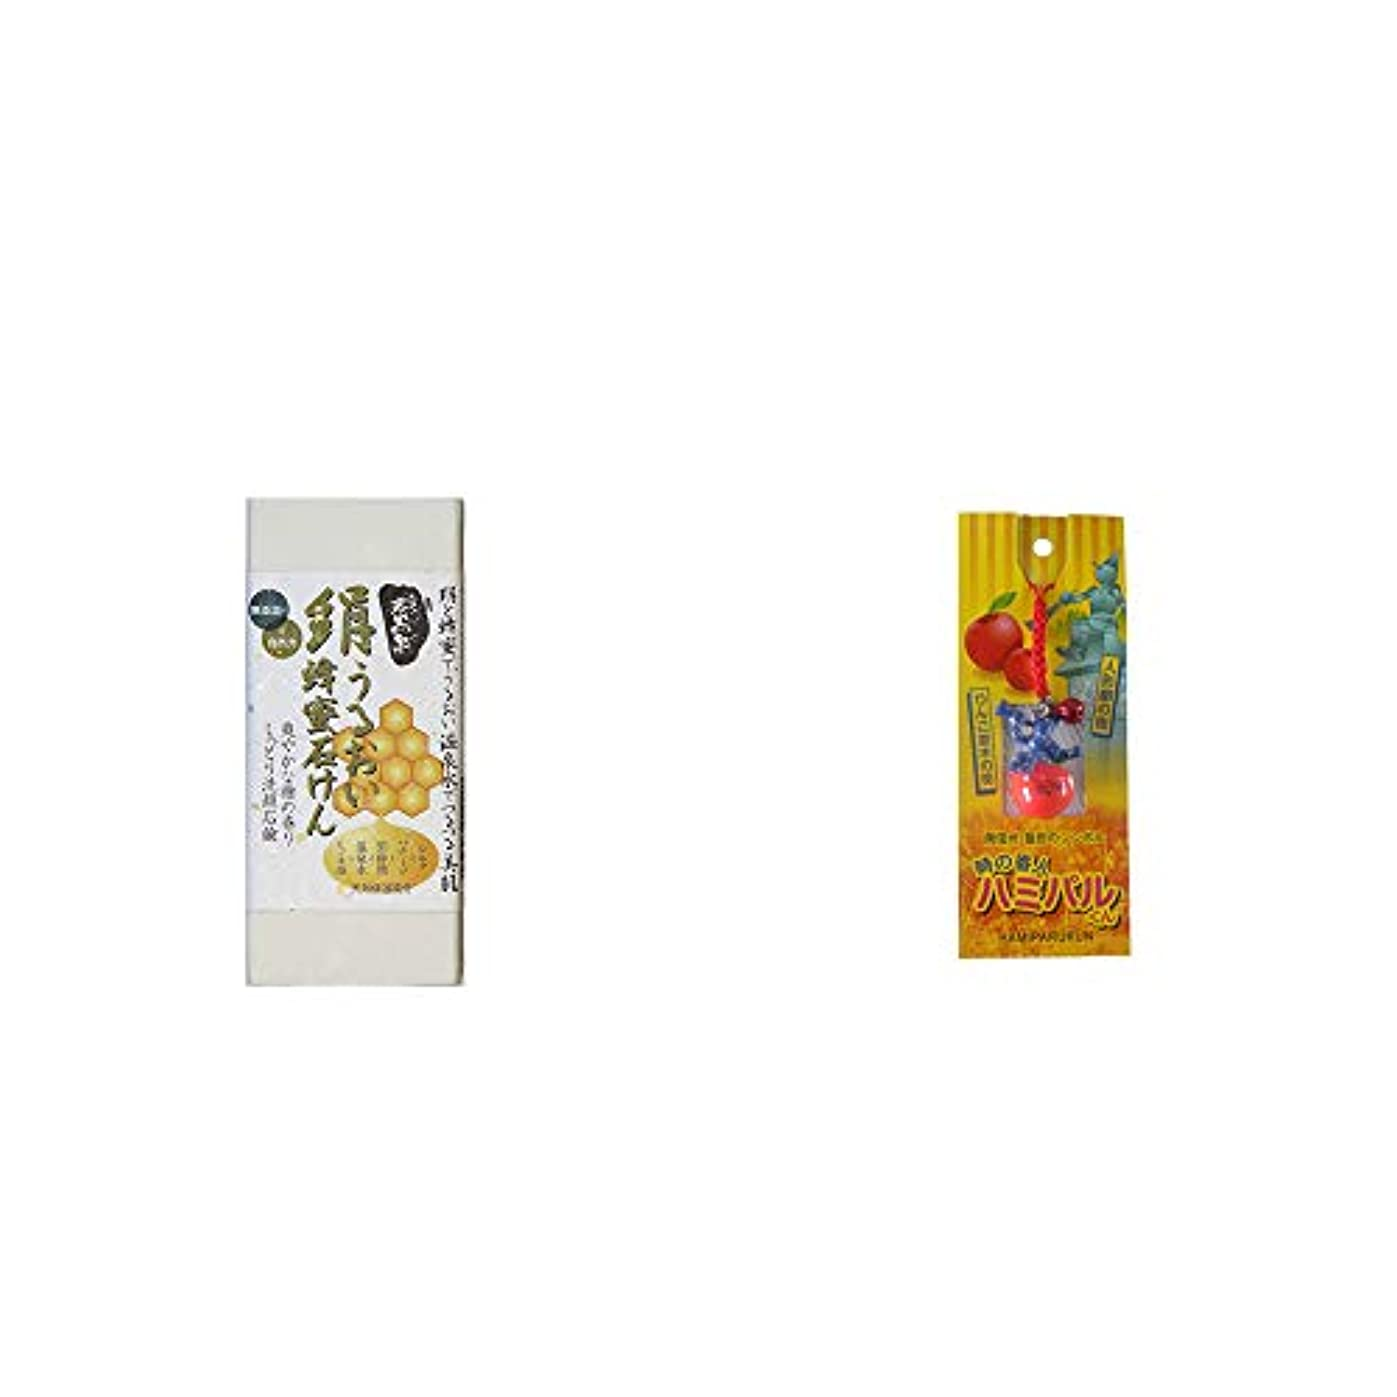 かもめ寄託亜熱帯[2点セット] ひのき炭黒泉 絹うるおい蜂蜜石けん(75g×2)?信州?飯田のシンボル 時の番人ハミパルくんストラップ